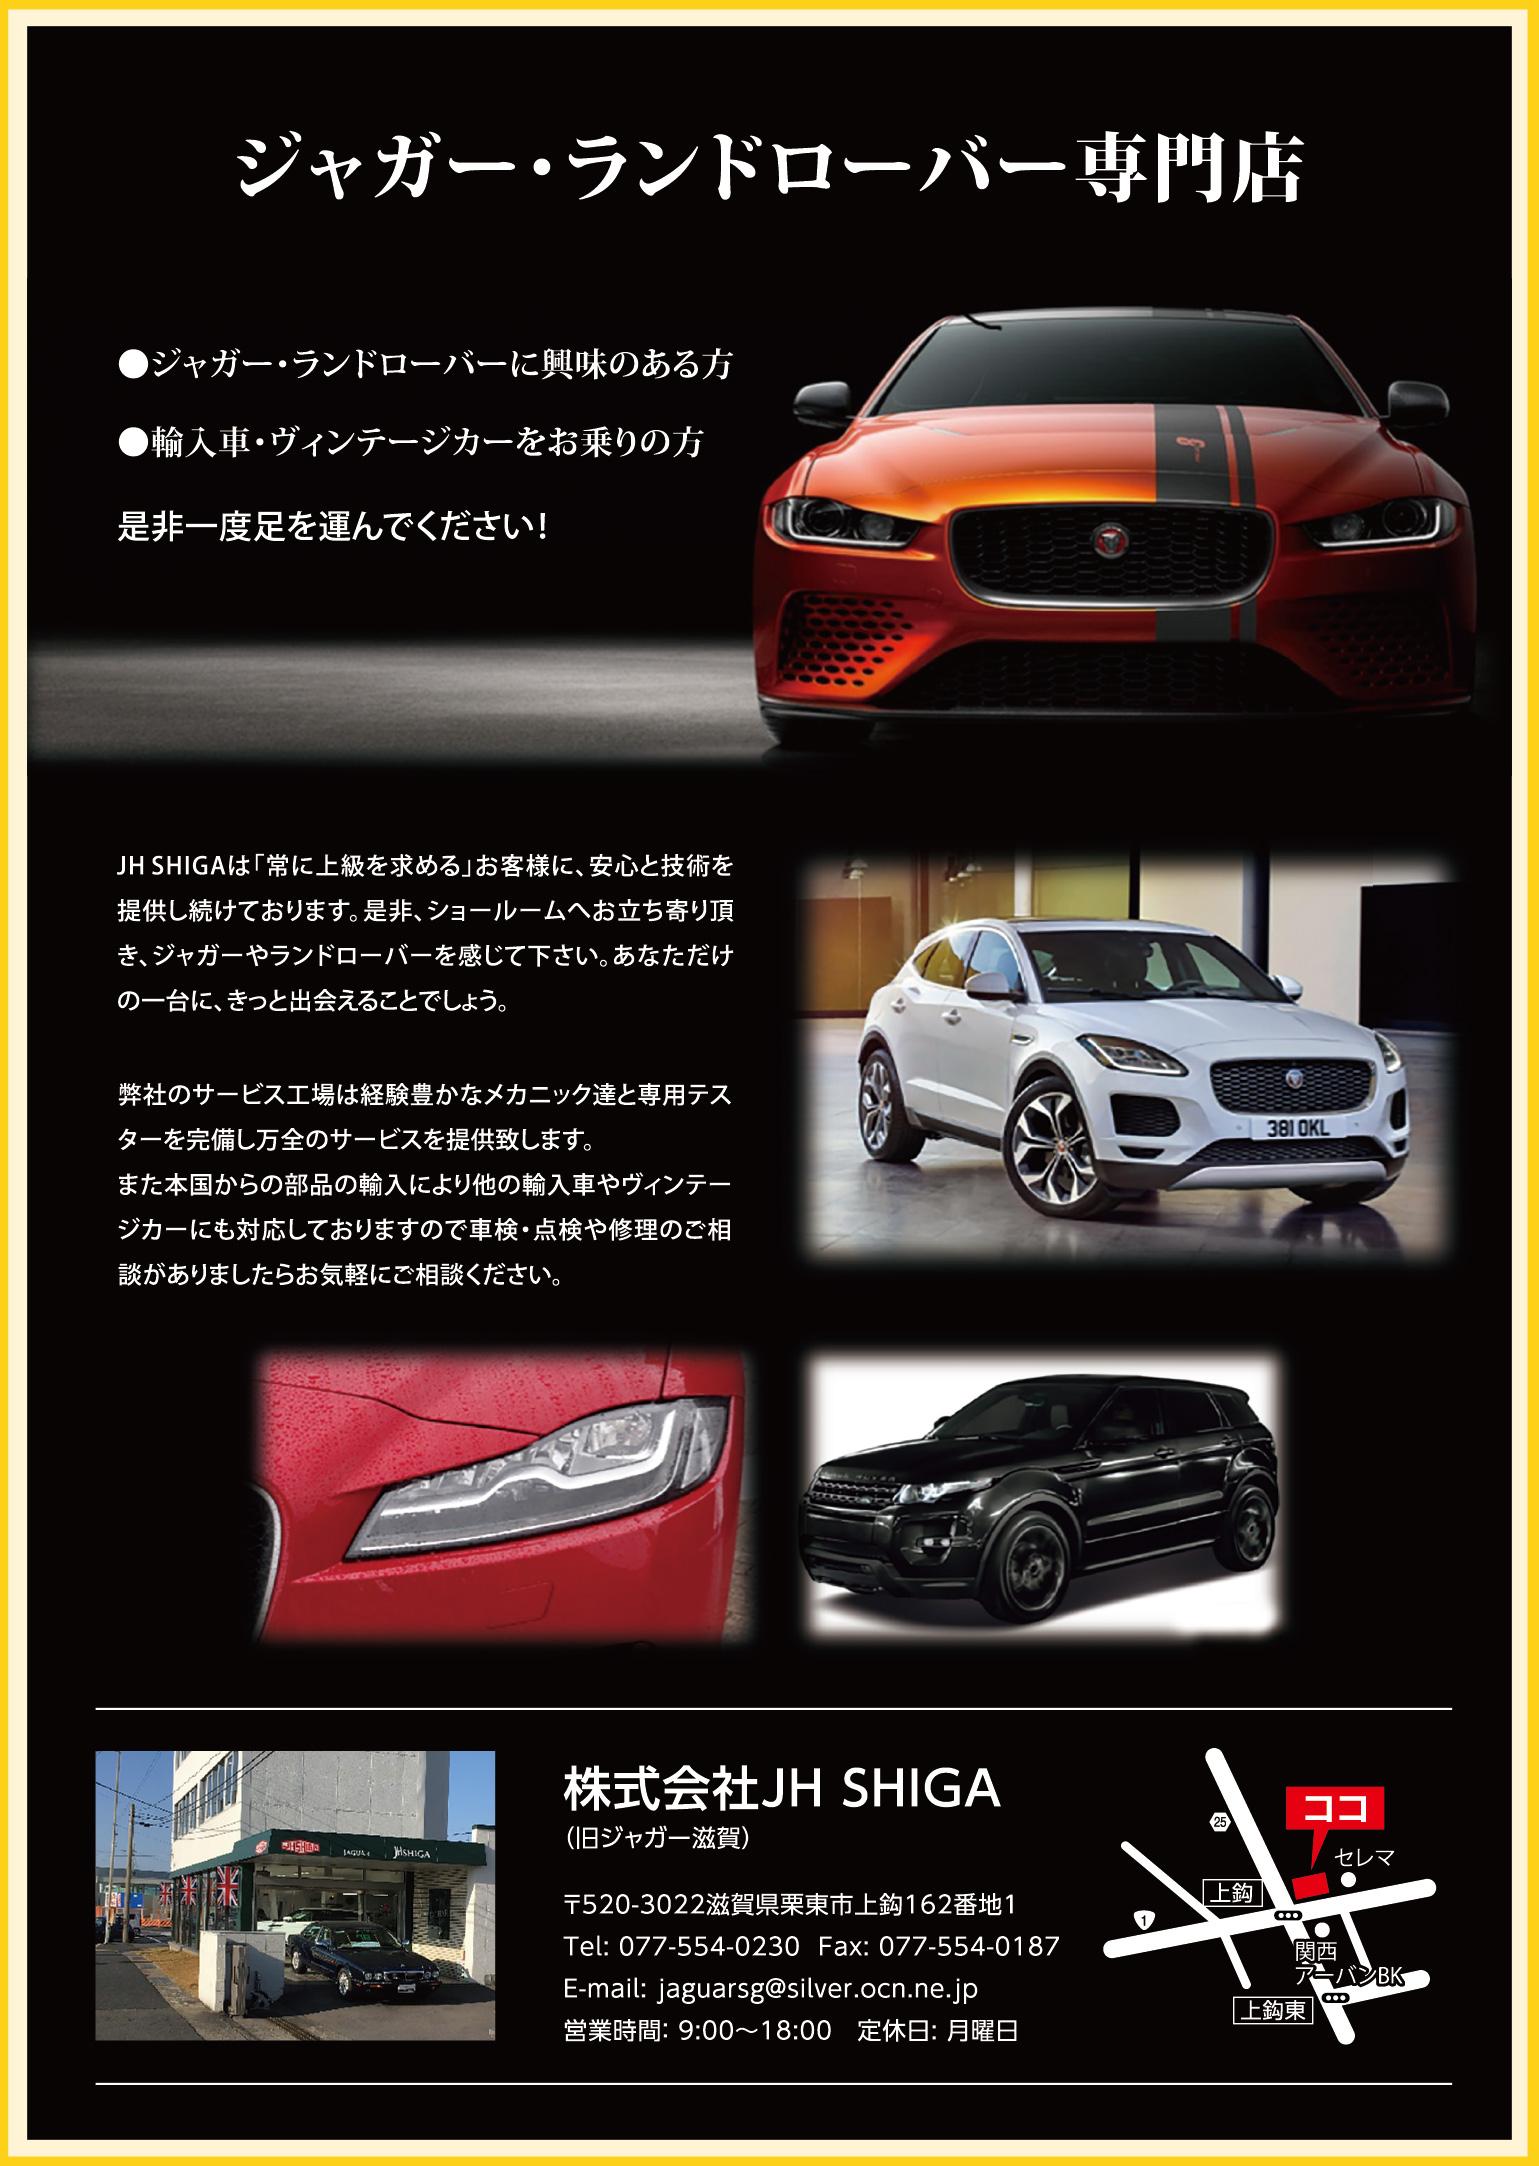 株式会社JH SHIGA(旧ジャガー滋賀)